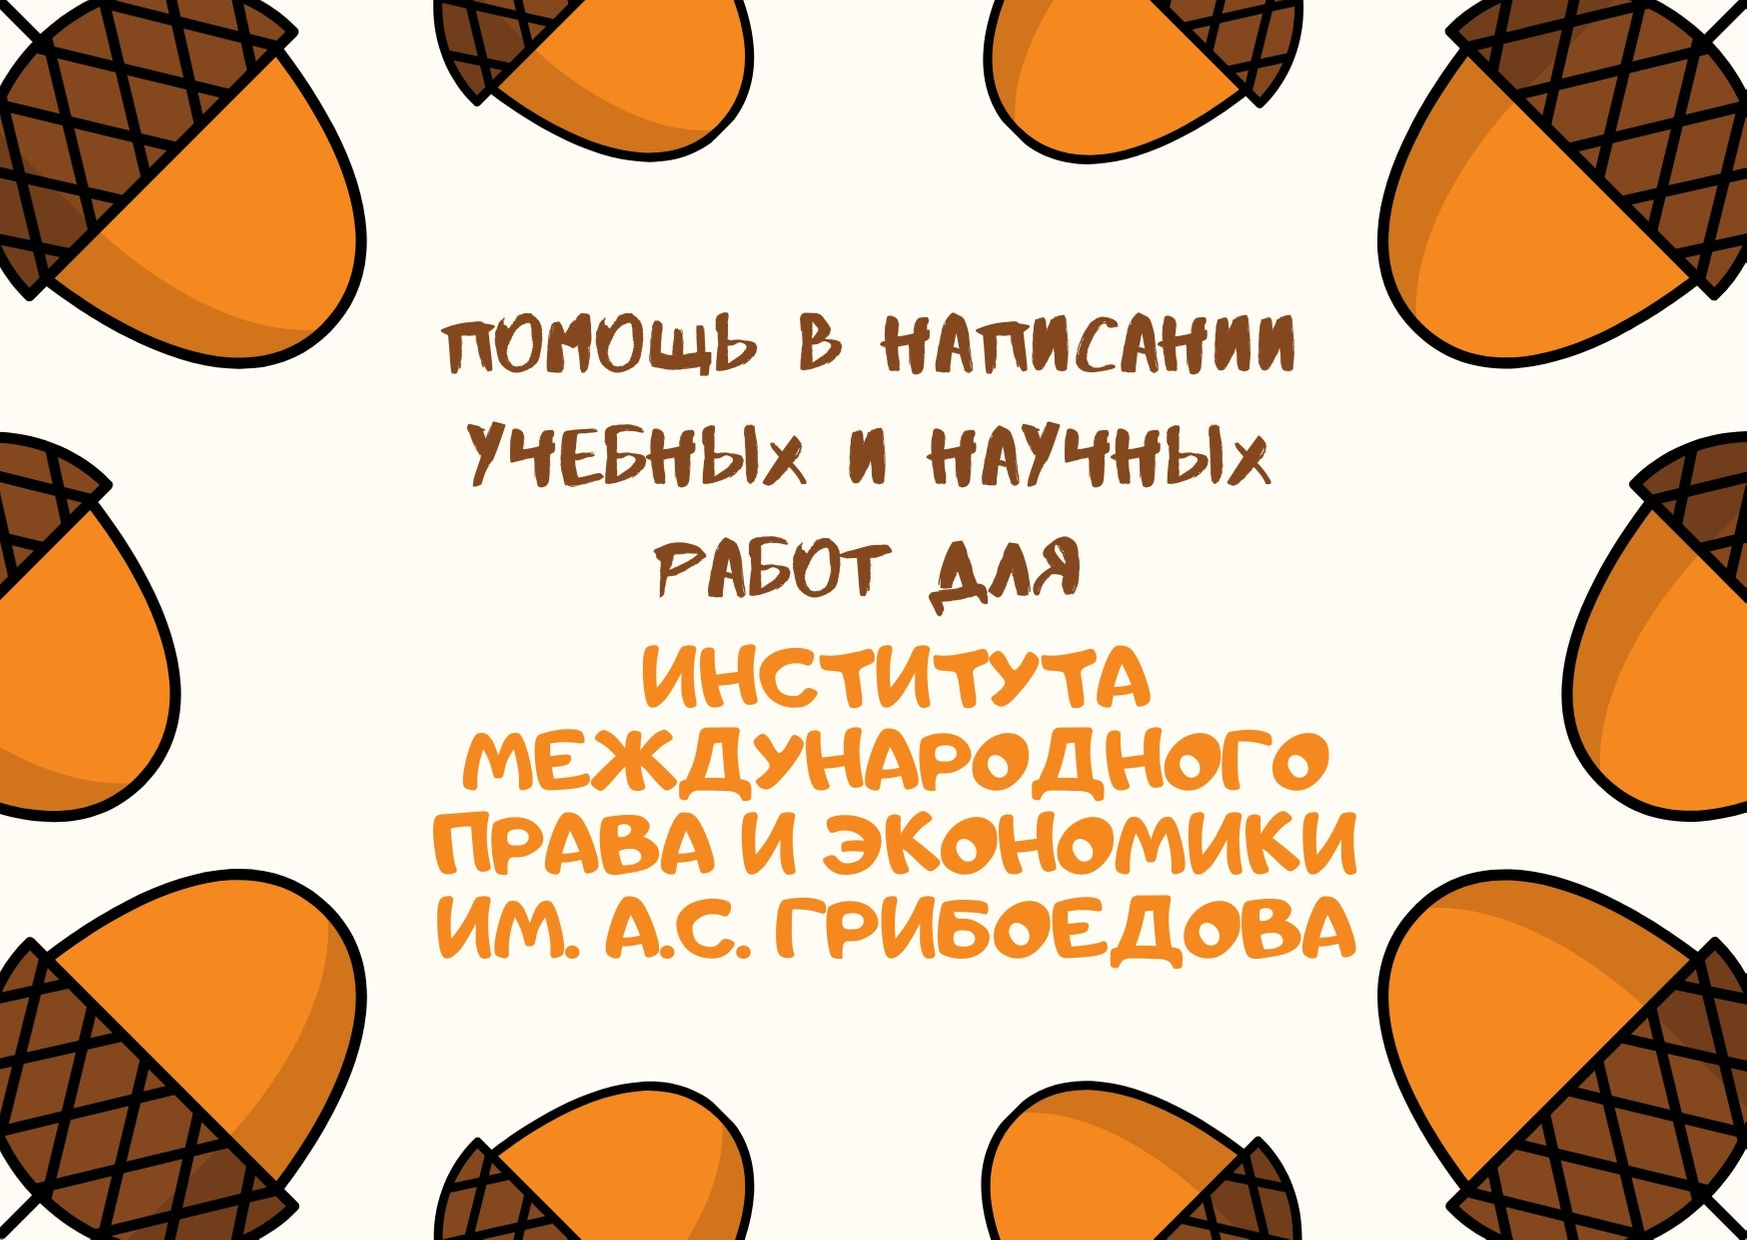 Помощь в написании учебных и научных работ для Института международного права и экономики им. А.С. Грибоедова